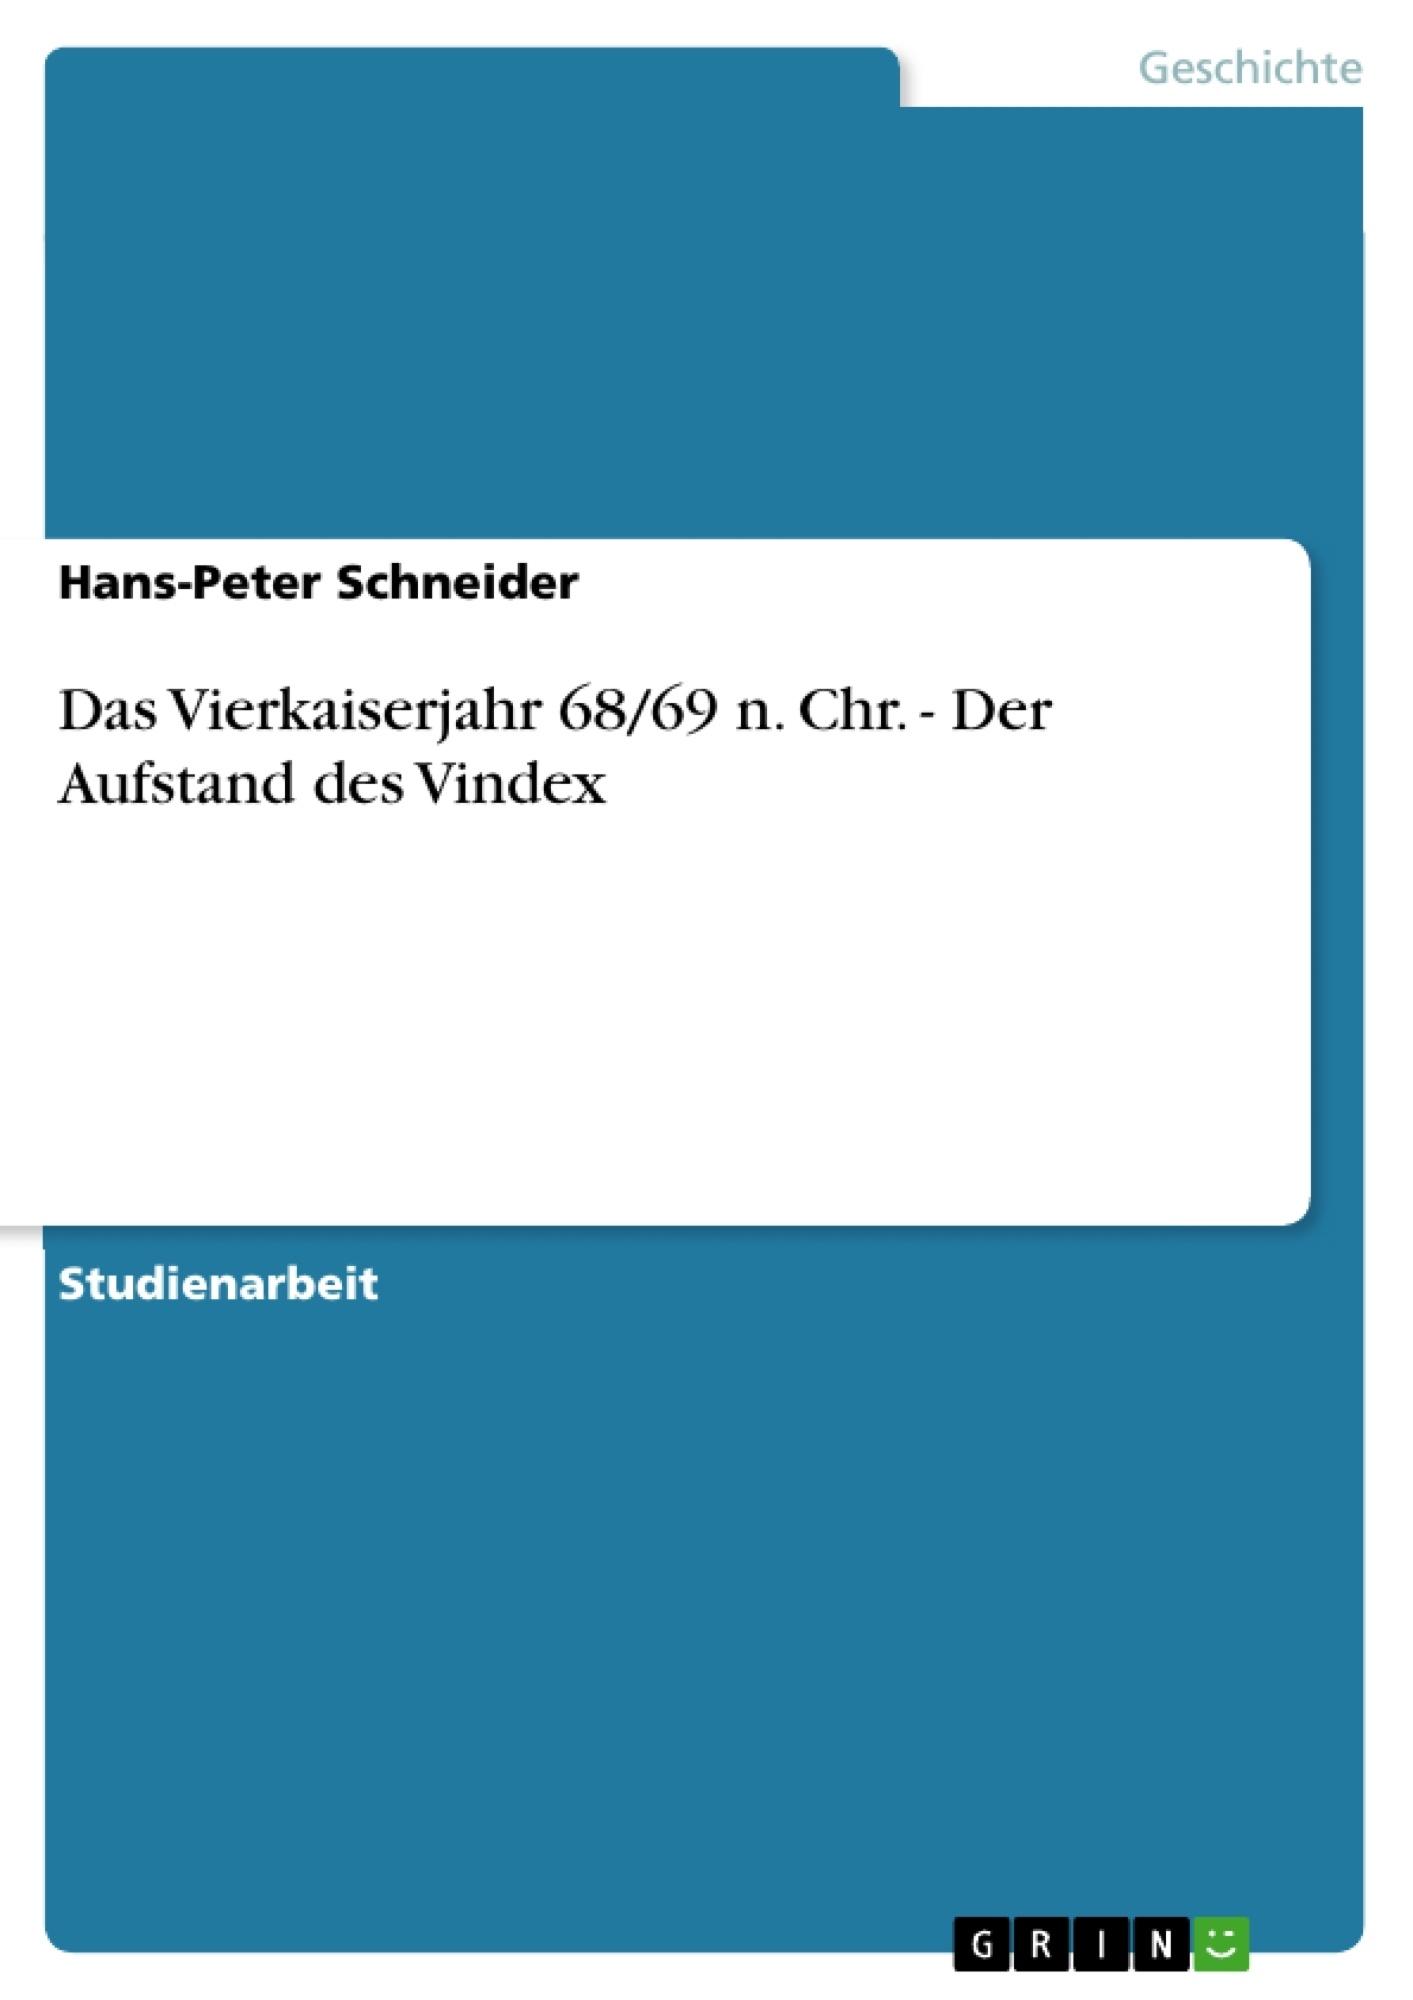 Titel: Das Vierkaiserjahr 68/69 n. Chr. - Der Aufstand des Vindex